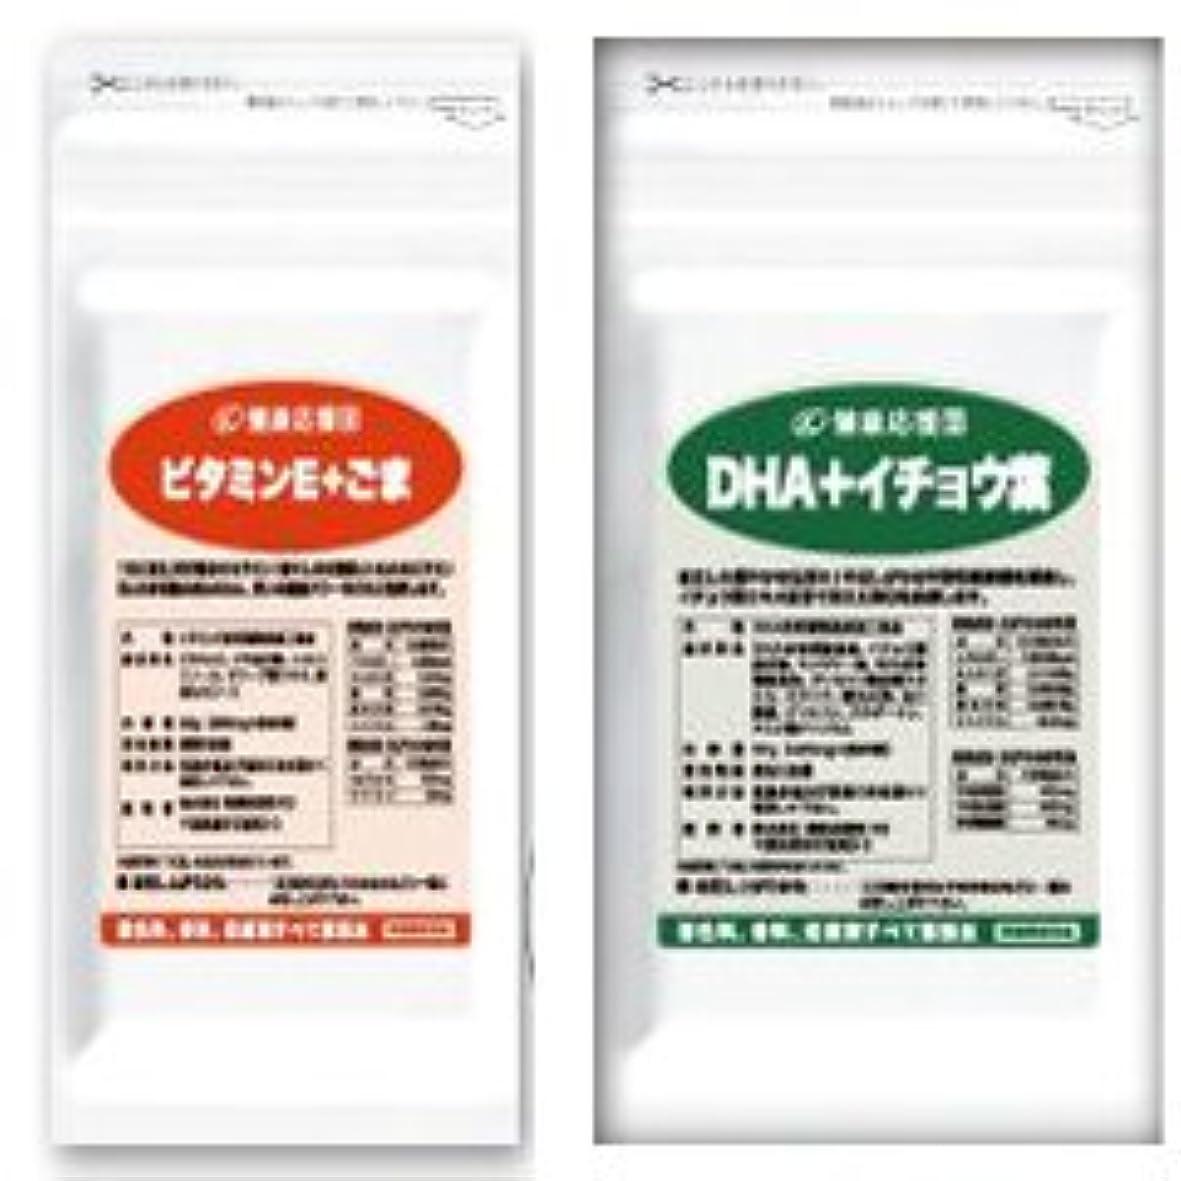 煙クリエイティブ(お徳用12か月分) 毎日元気セット(ビタミンE+ごま)+(DHA+イチョウ葉エキス) 12袋&12袋セット(DHA?EPA?ビタミンE?セサミン)